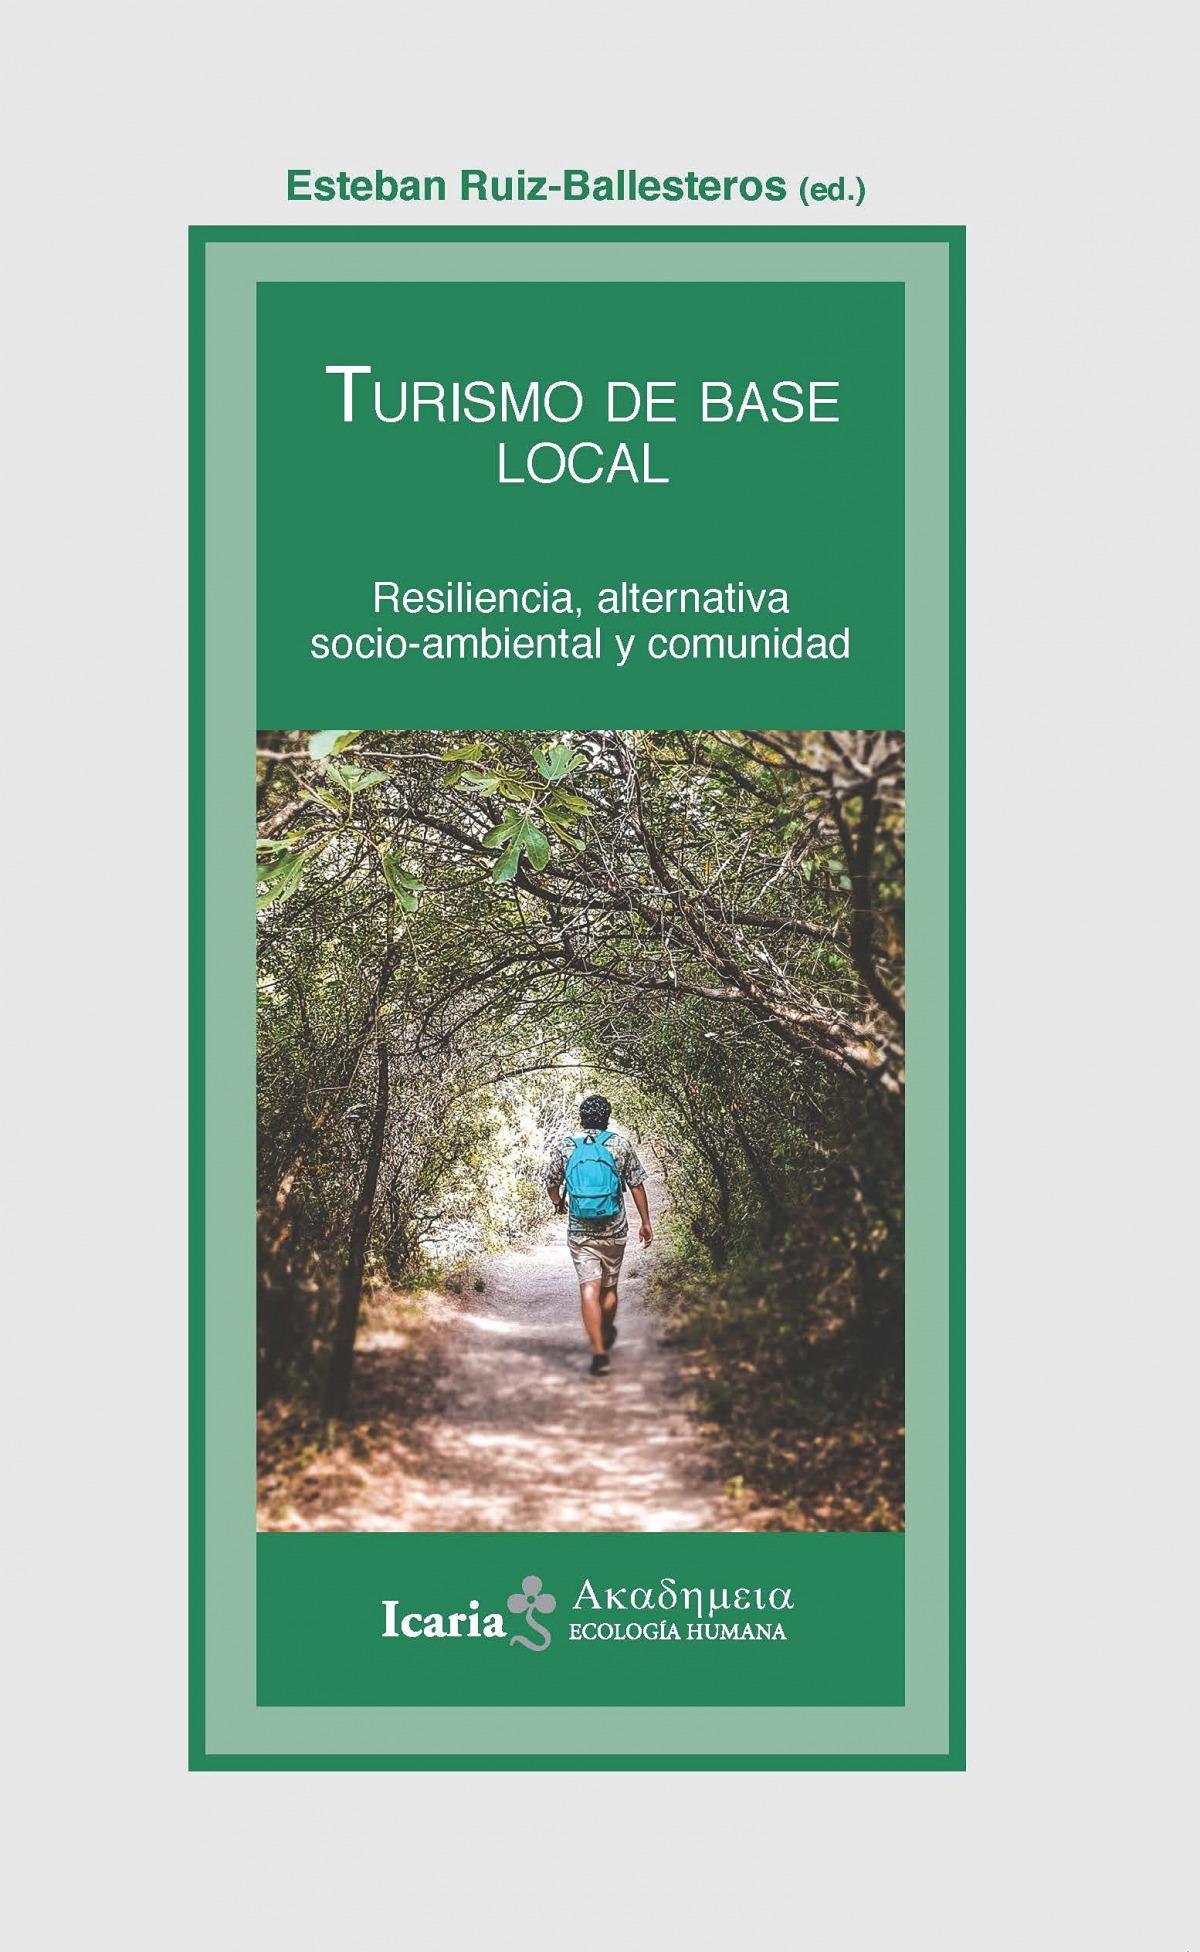 TURISMO DE BASE